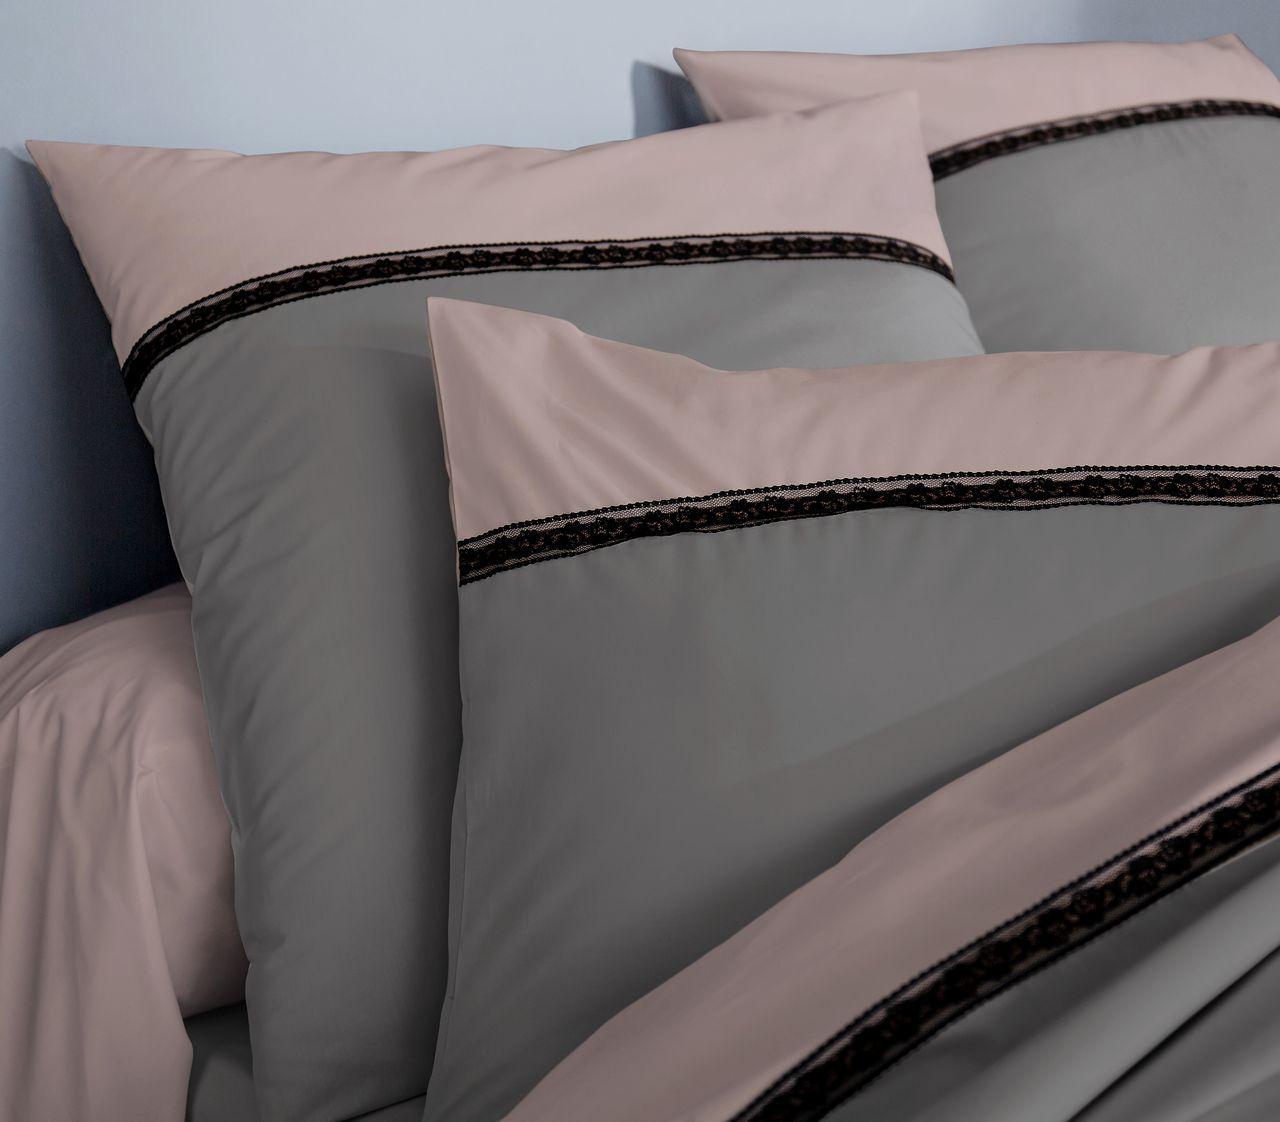 parure de lit passion percale galon anthracite dp240x310 dh140x190 2to. Black Bedroom Furniture Sets. Home Design Ideas